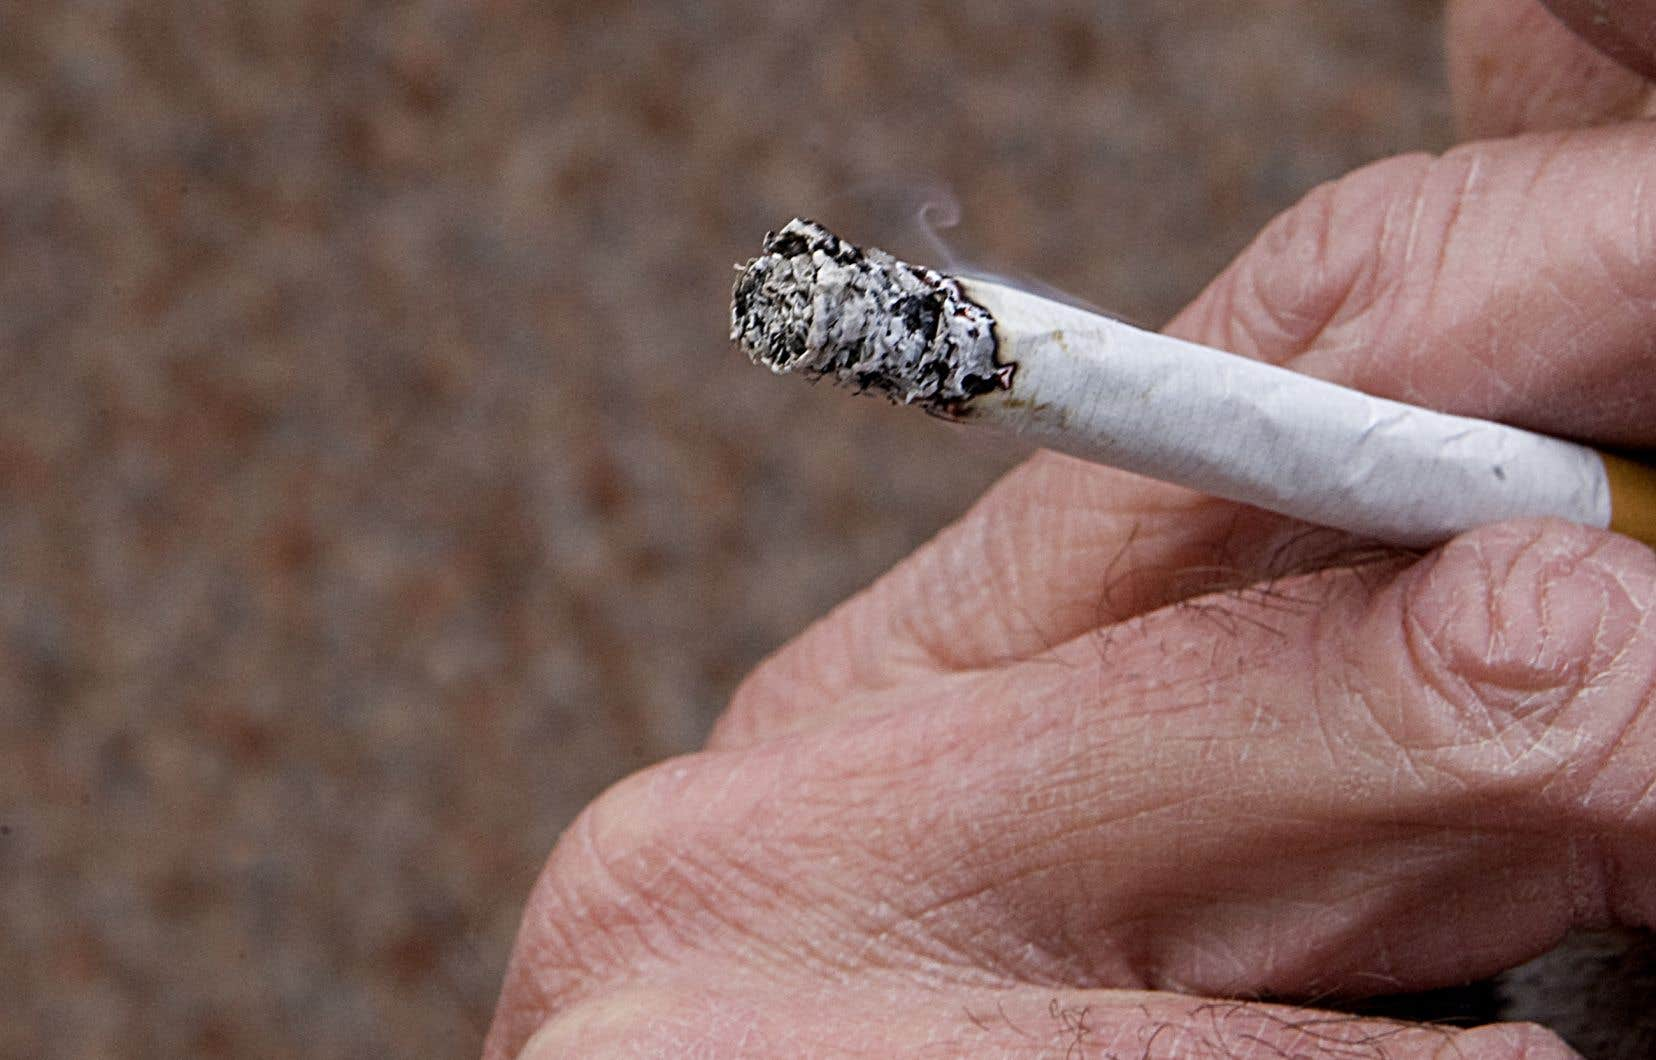 <p>Le tabagisme reste la principale cause de décès et de maladie évitable aux États-Unis et demeure responsable de 480000 morts chaque année.</p>